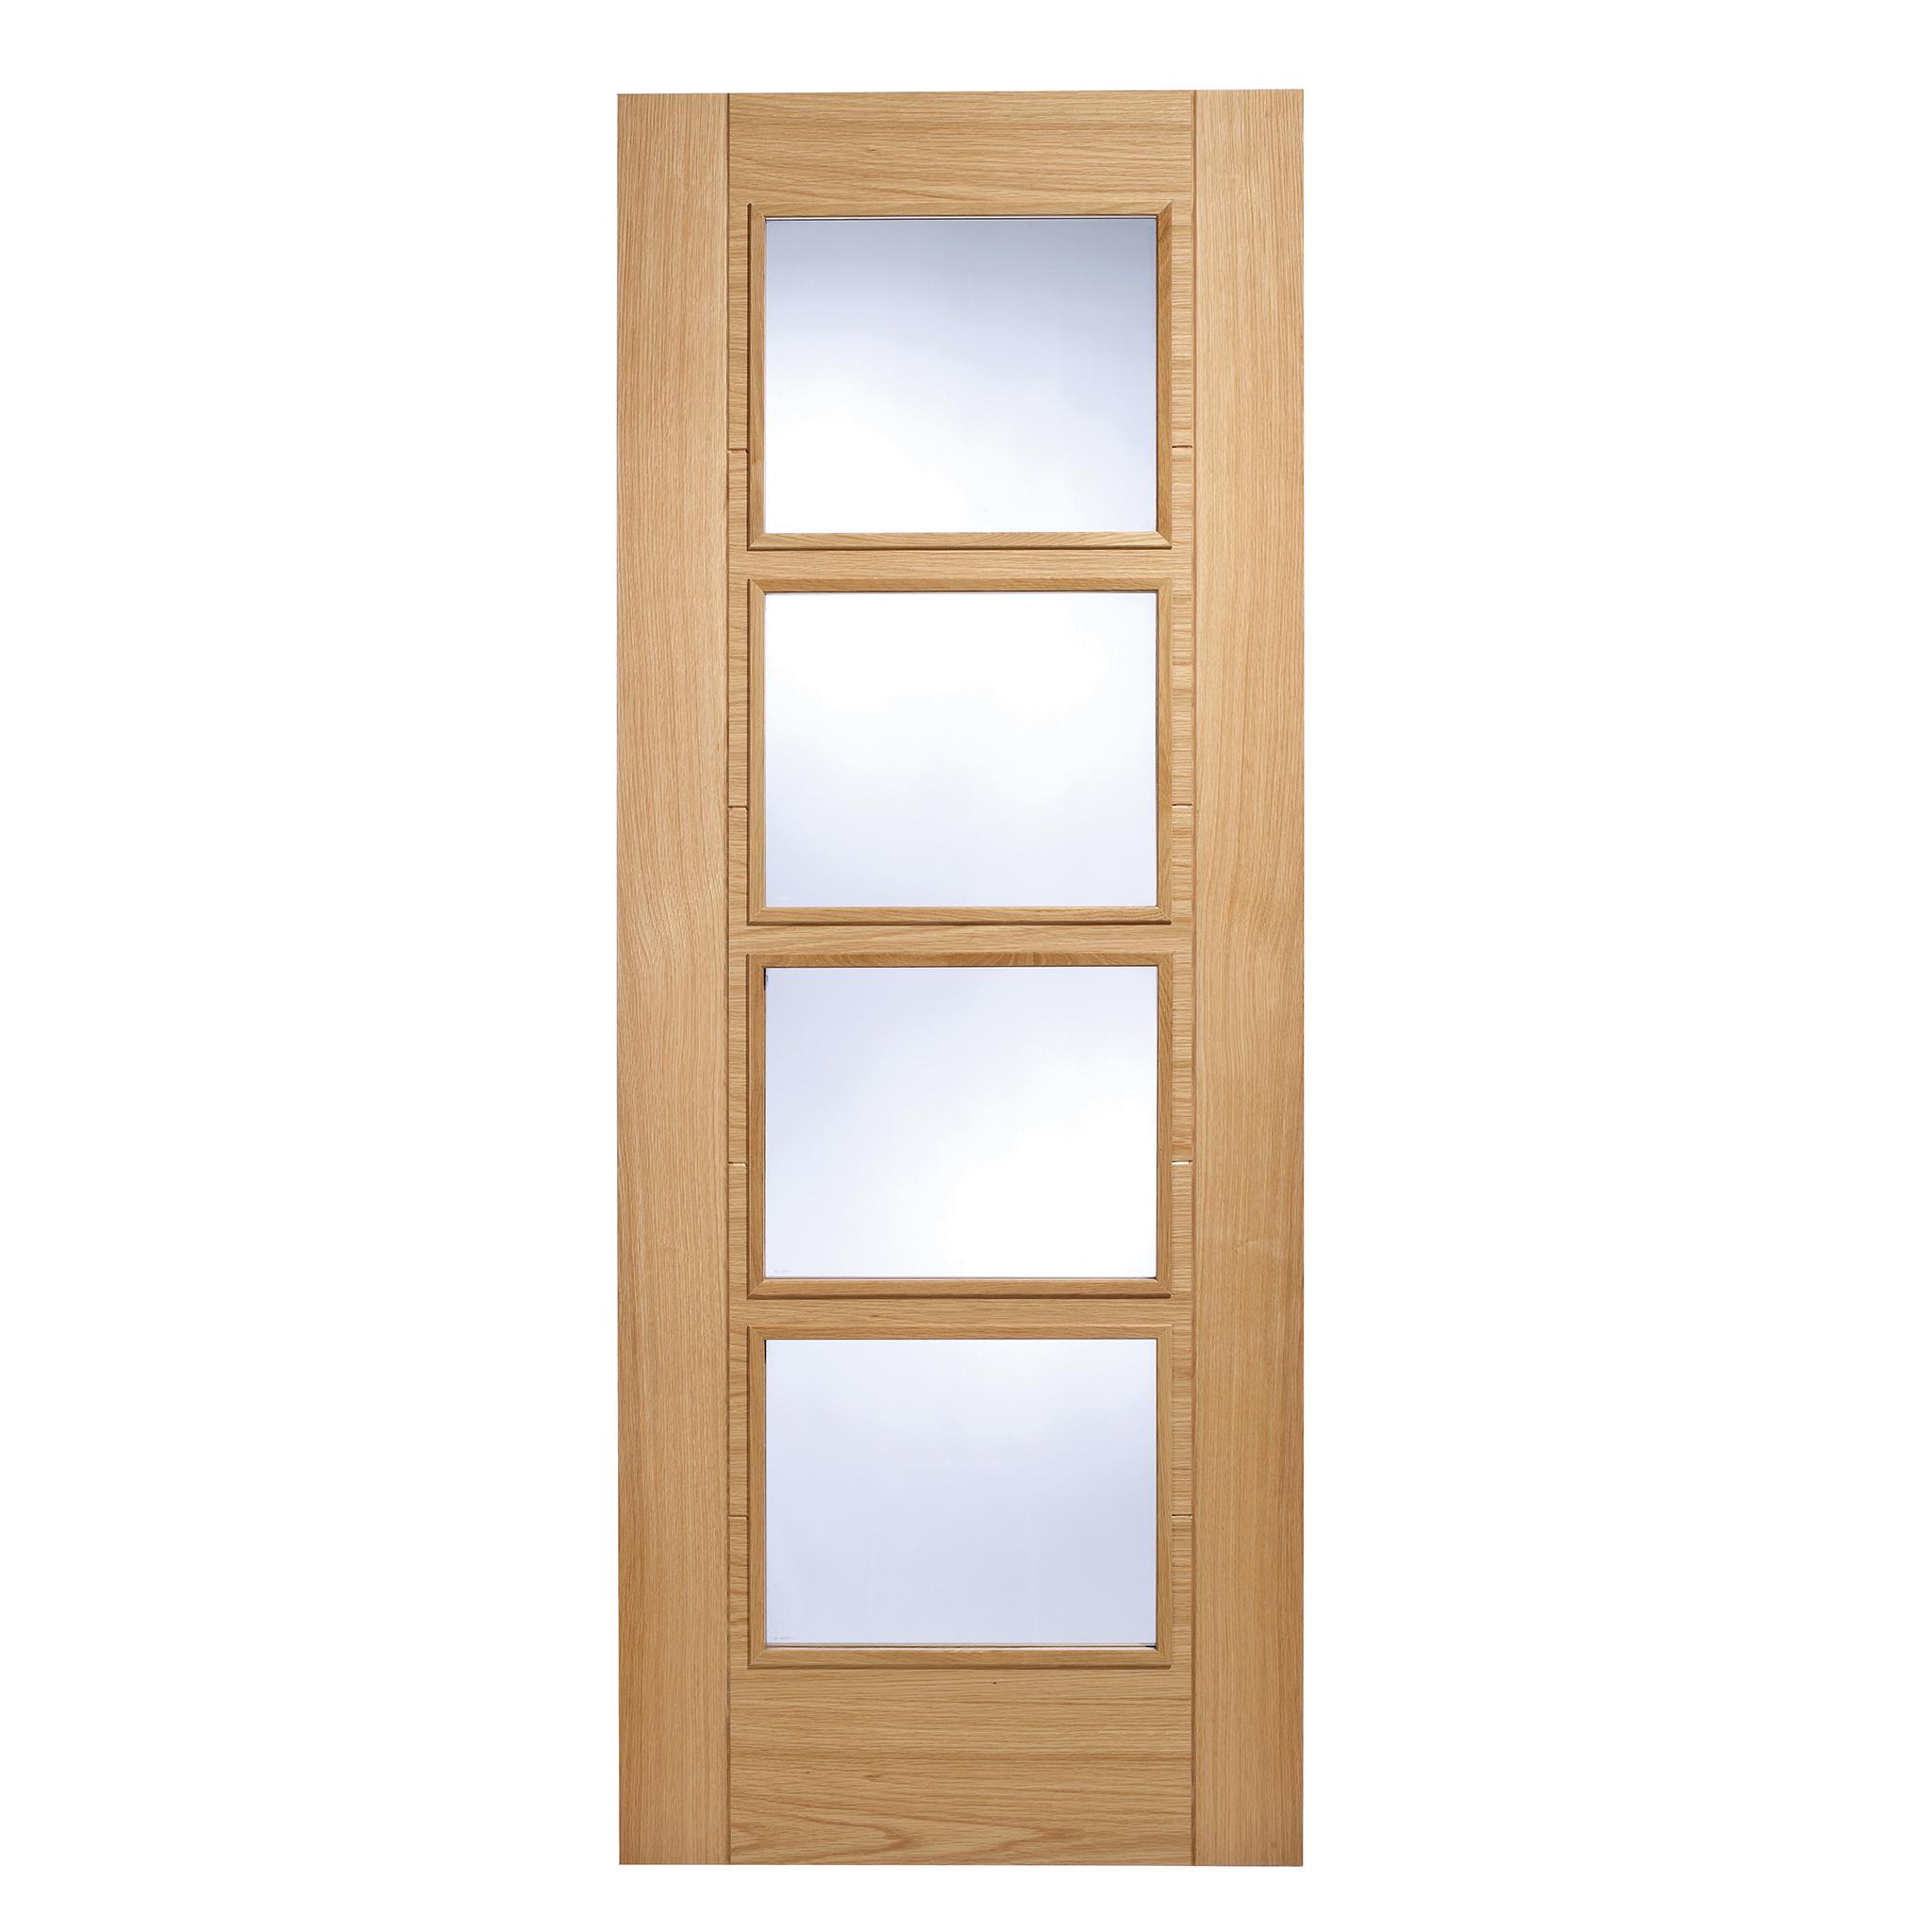 Vancouver oak 4 light glazed internal door 2040x726mm for Door 2040 x 726